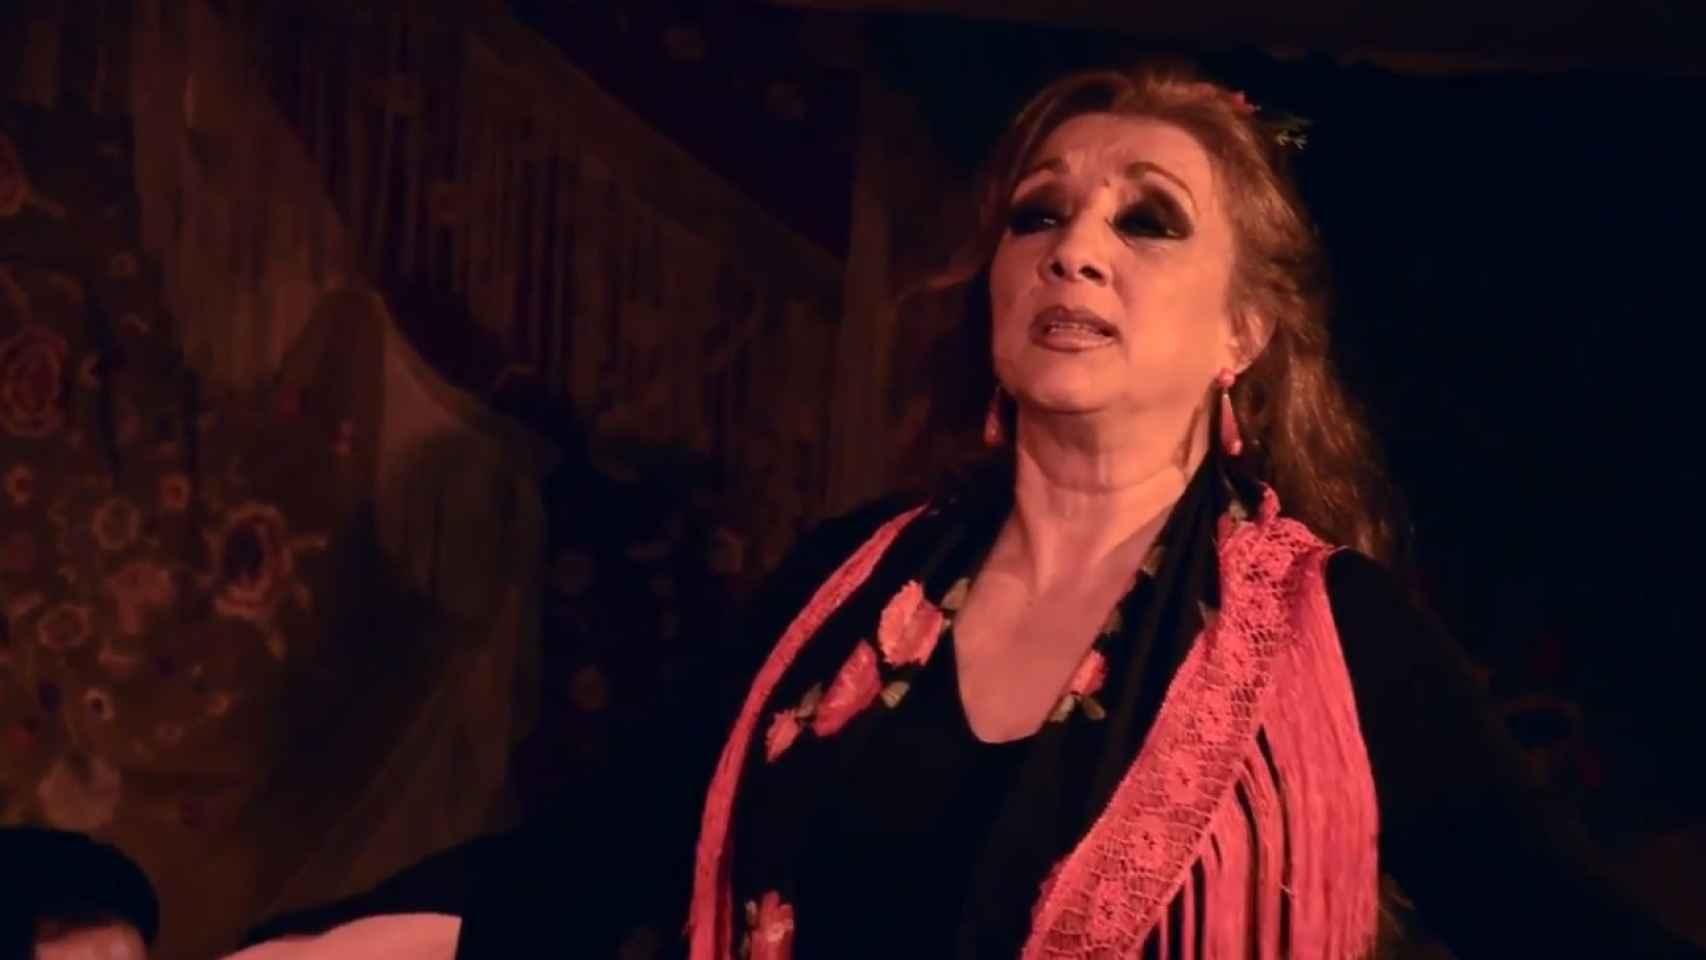 Antoñeta actuando sobre un tablao flamenco.